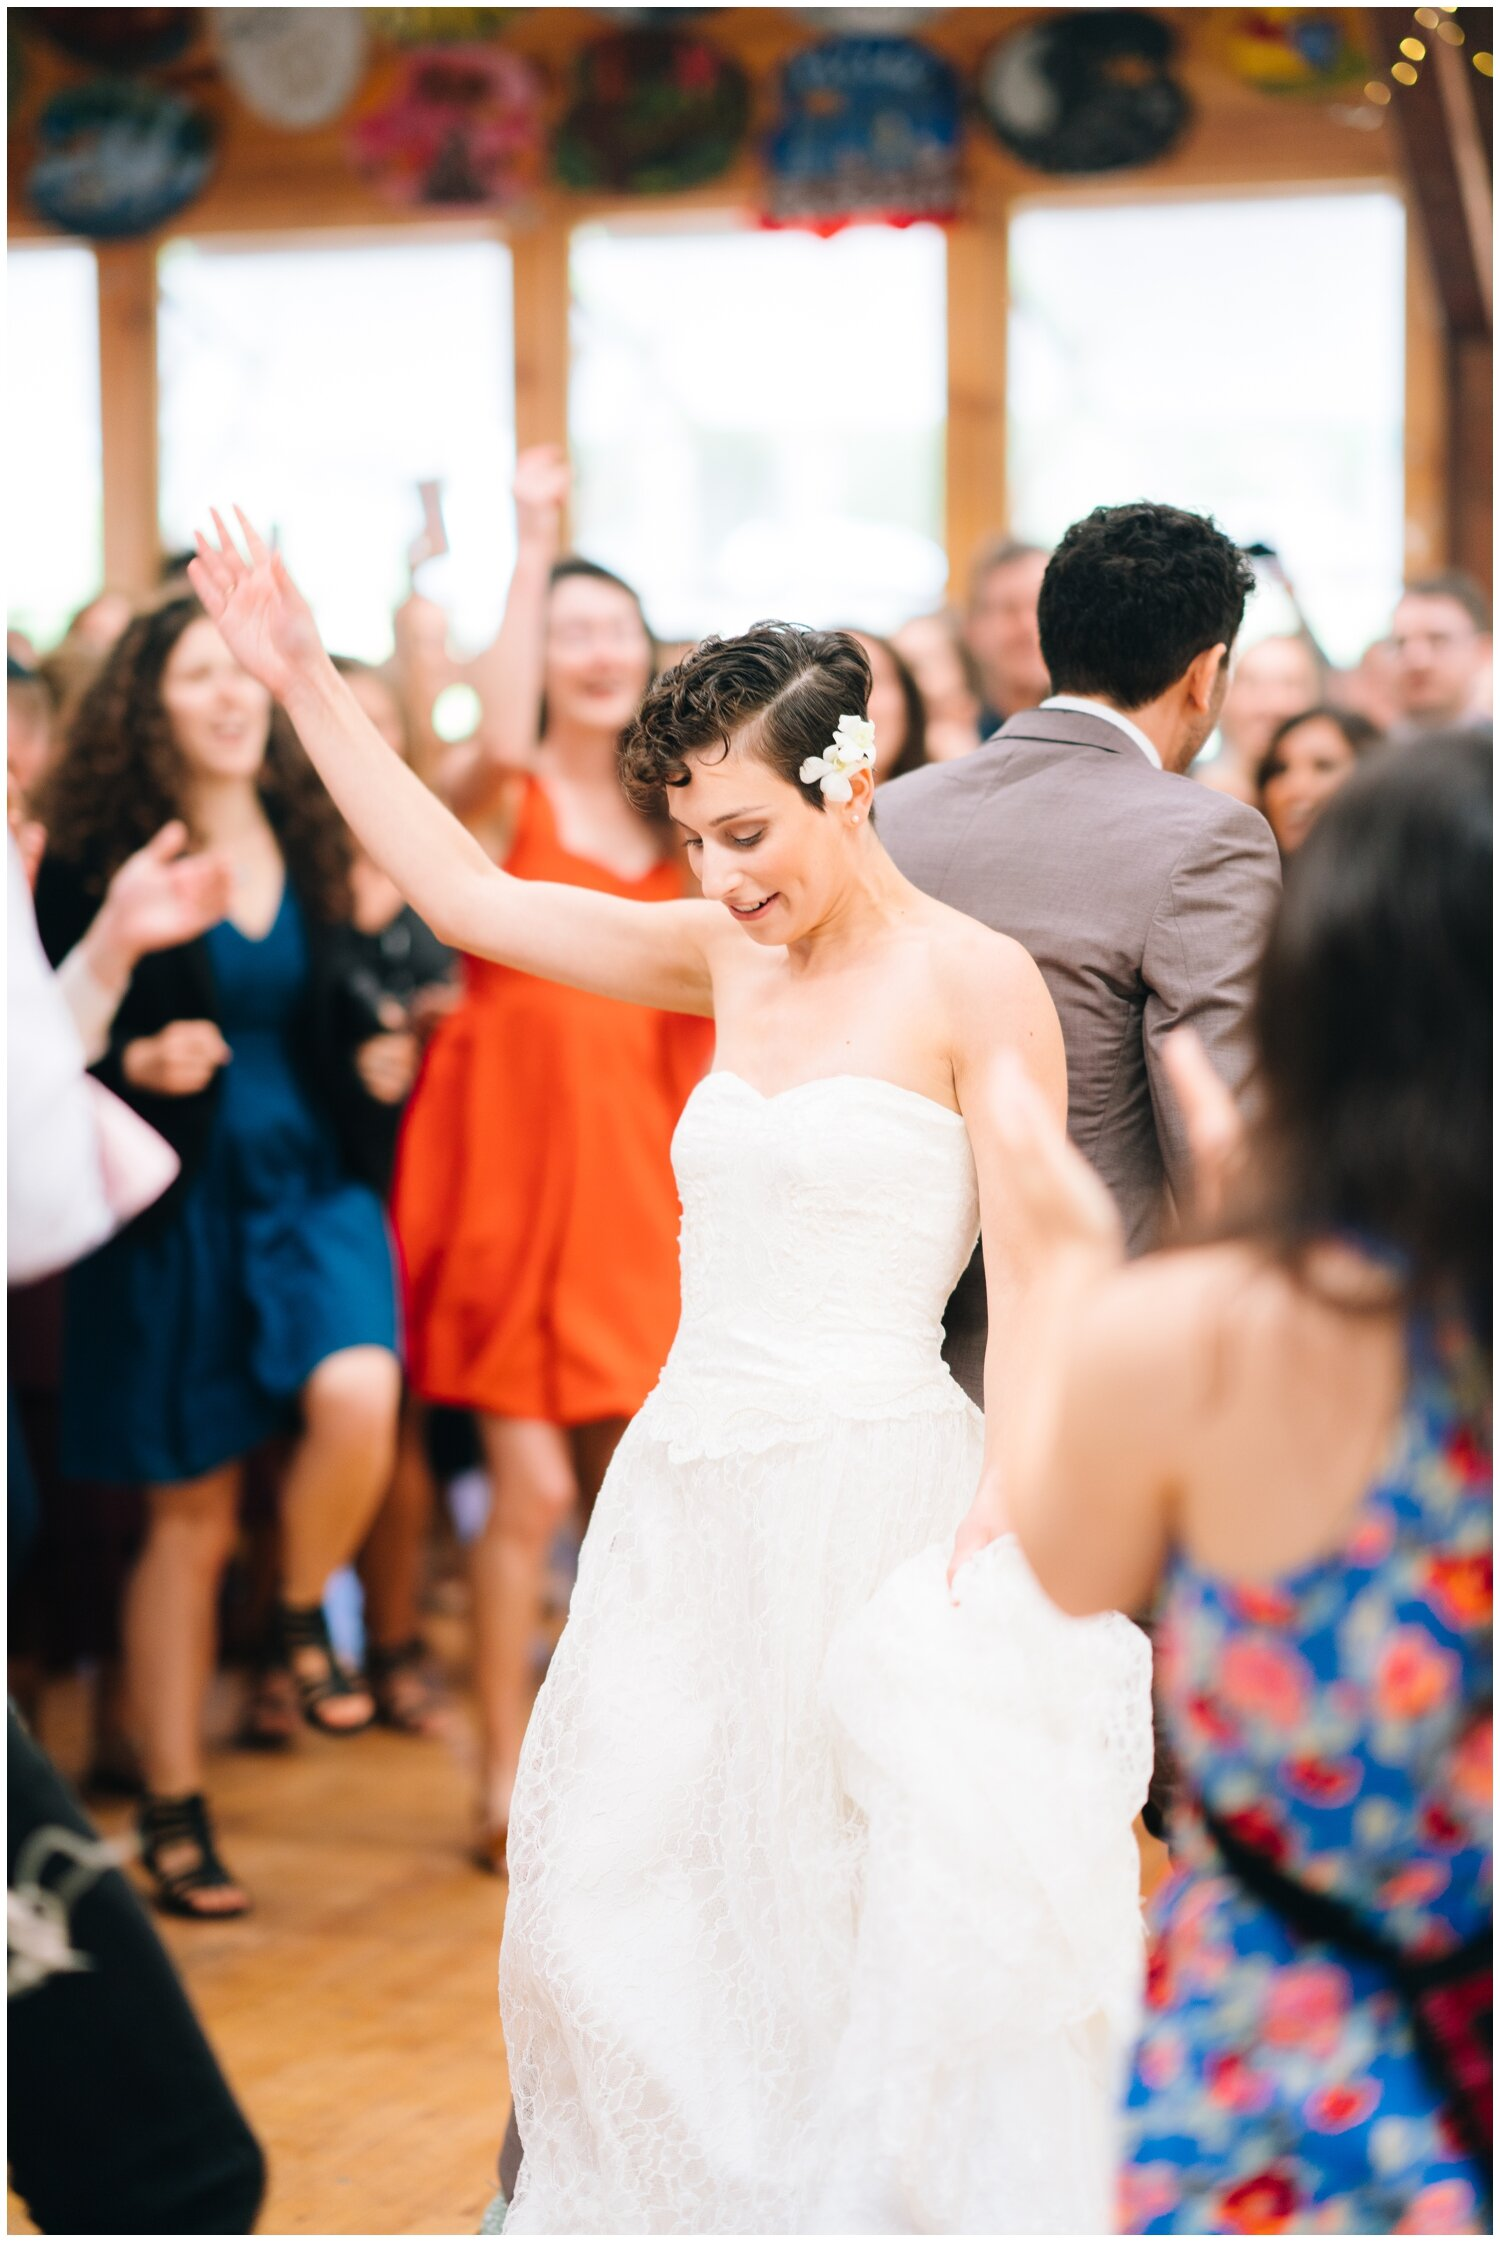 Camp Laurelwood Wedding - Leah + Yoni_0036.jpg